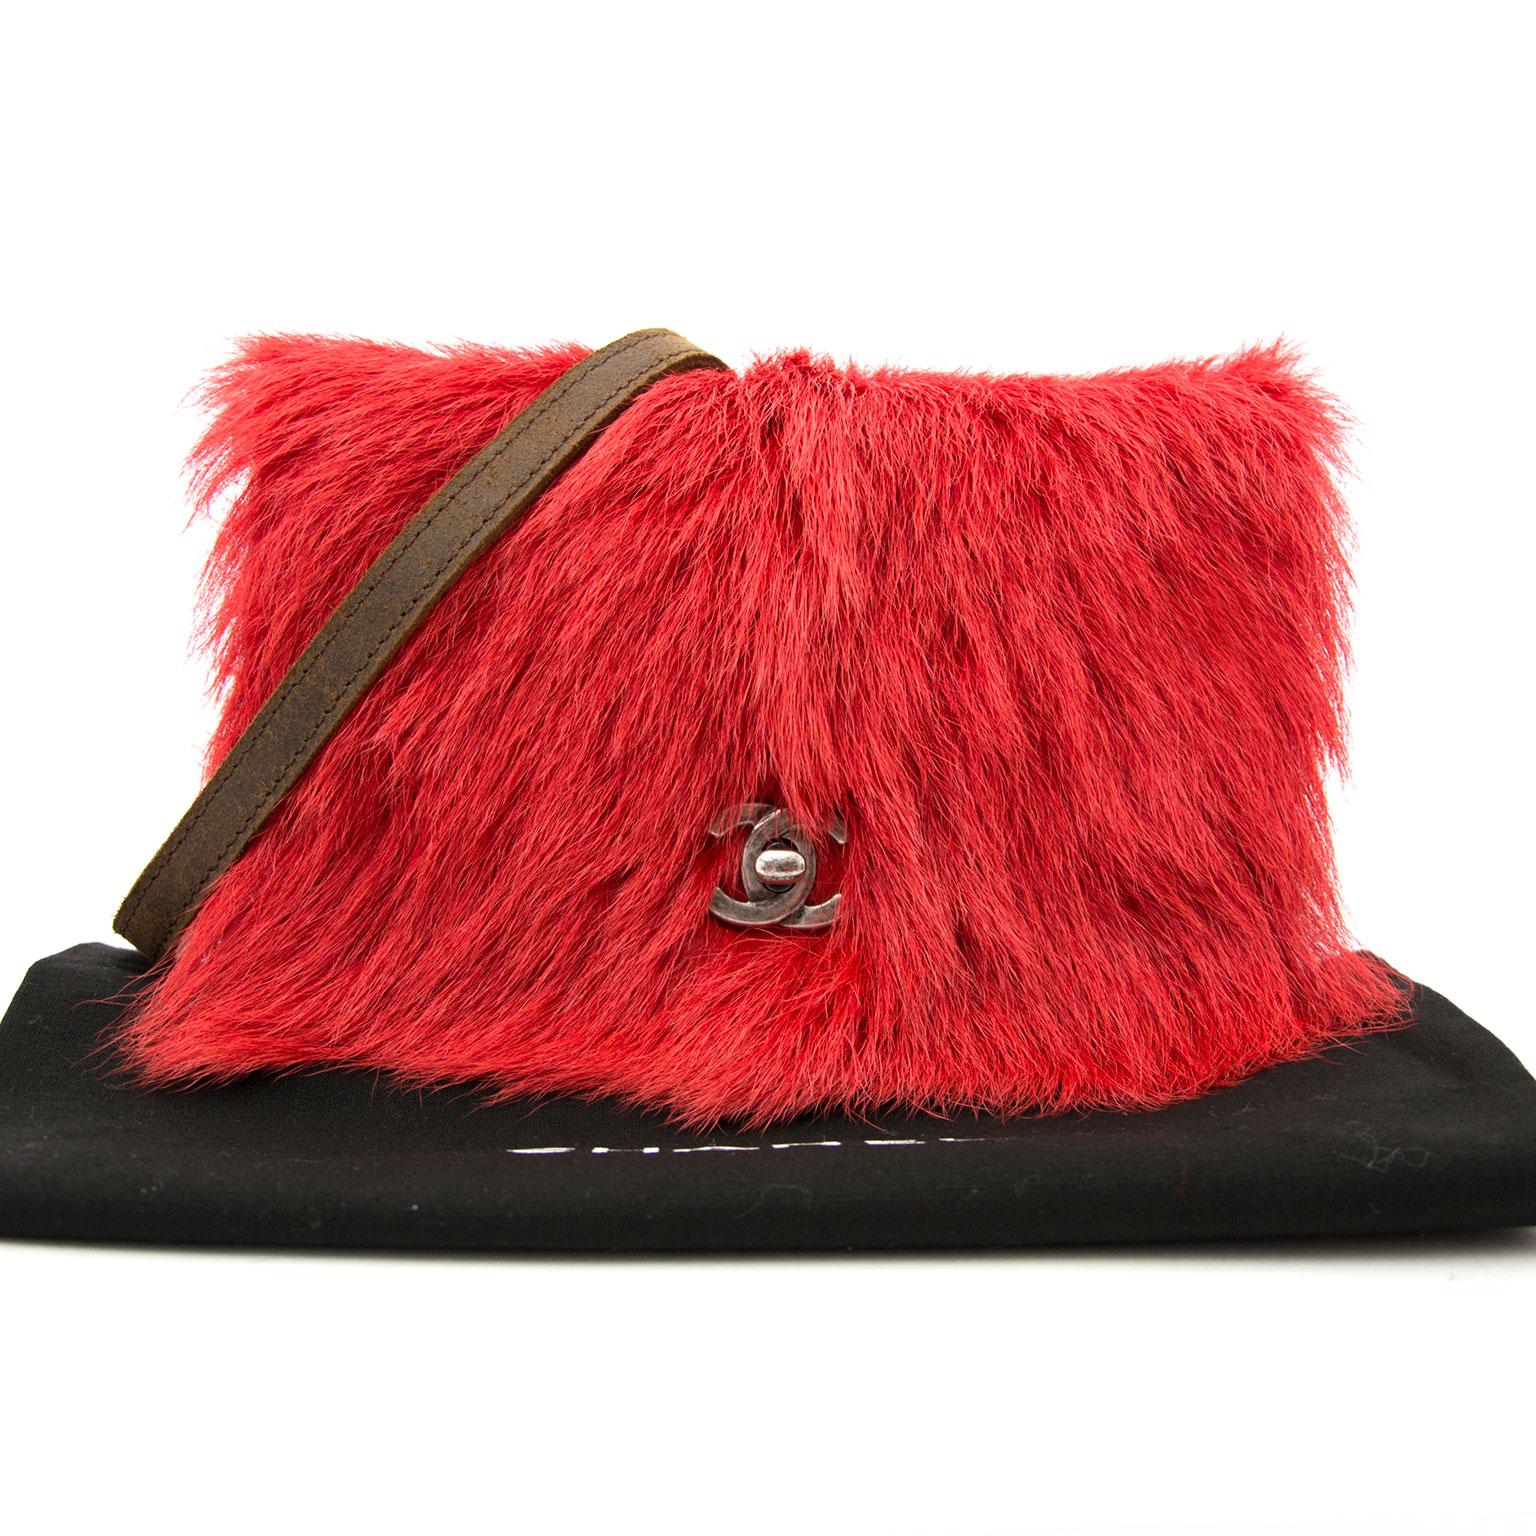 acheter en ligne limité Chanel Paris Edinburgh rouge Fur classic sac a epaule